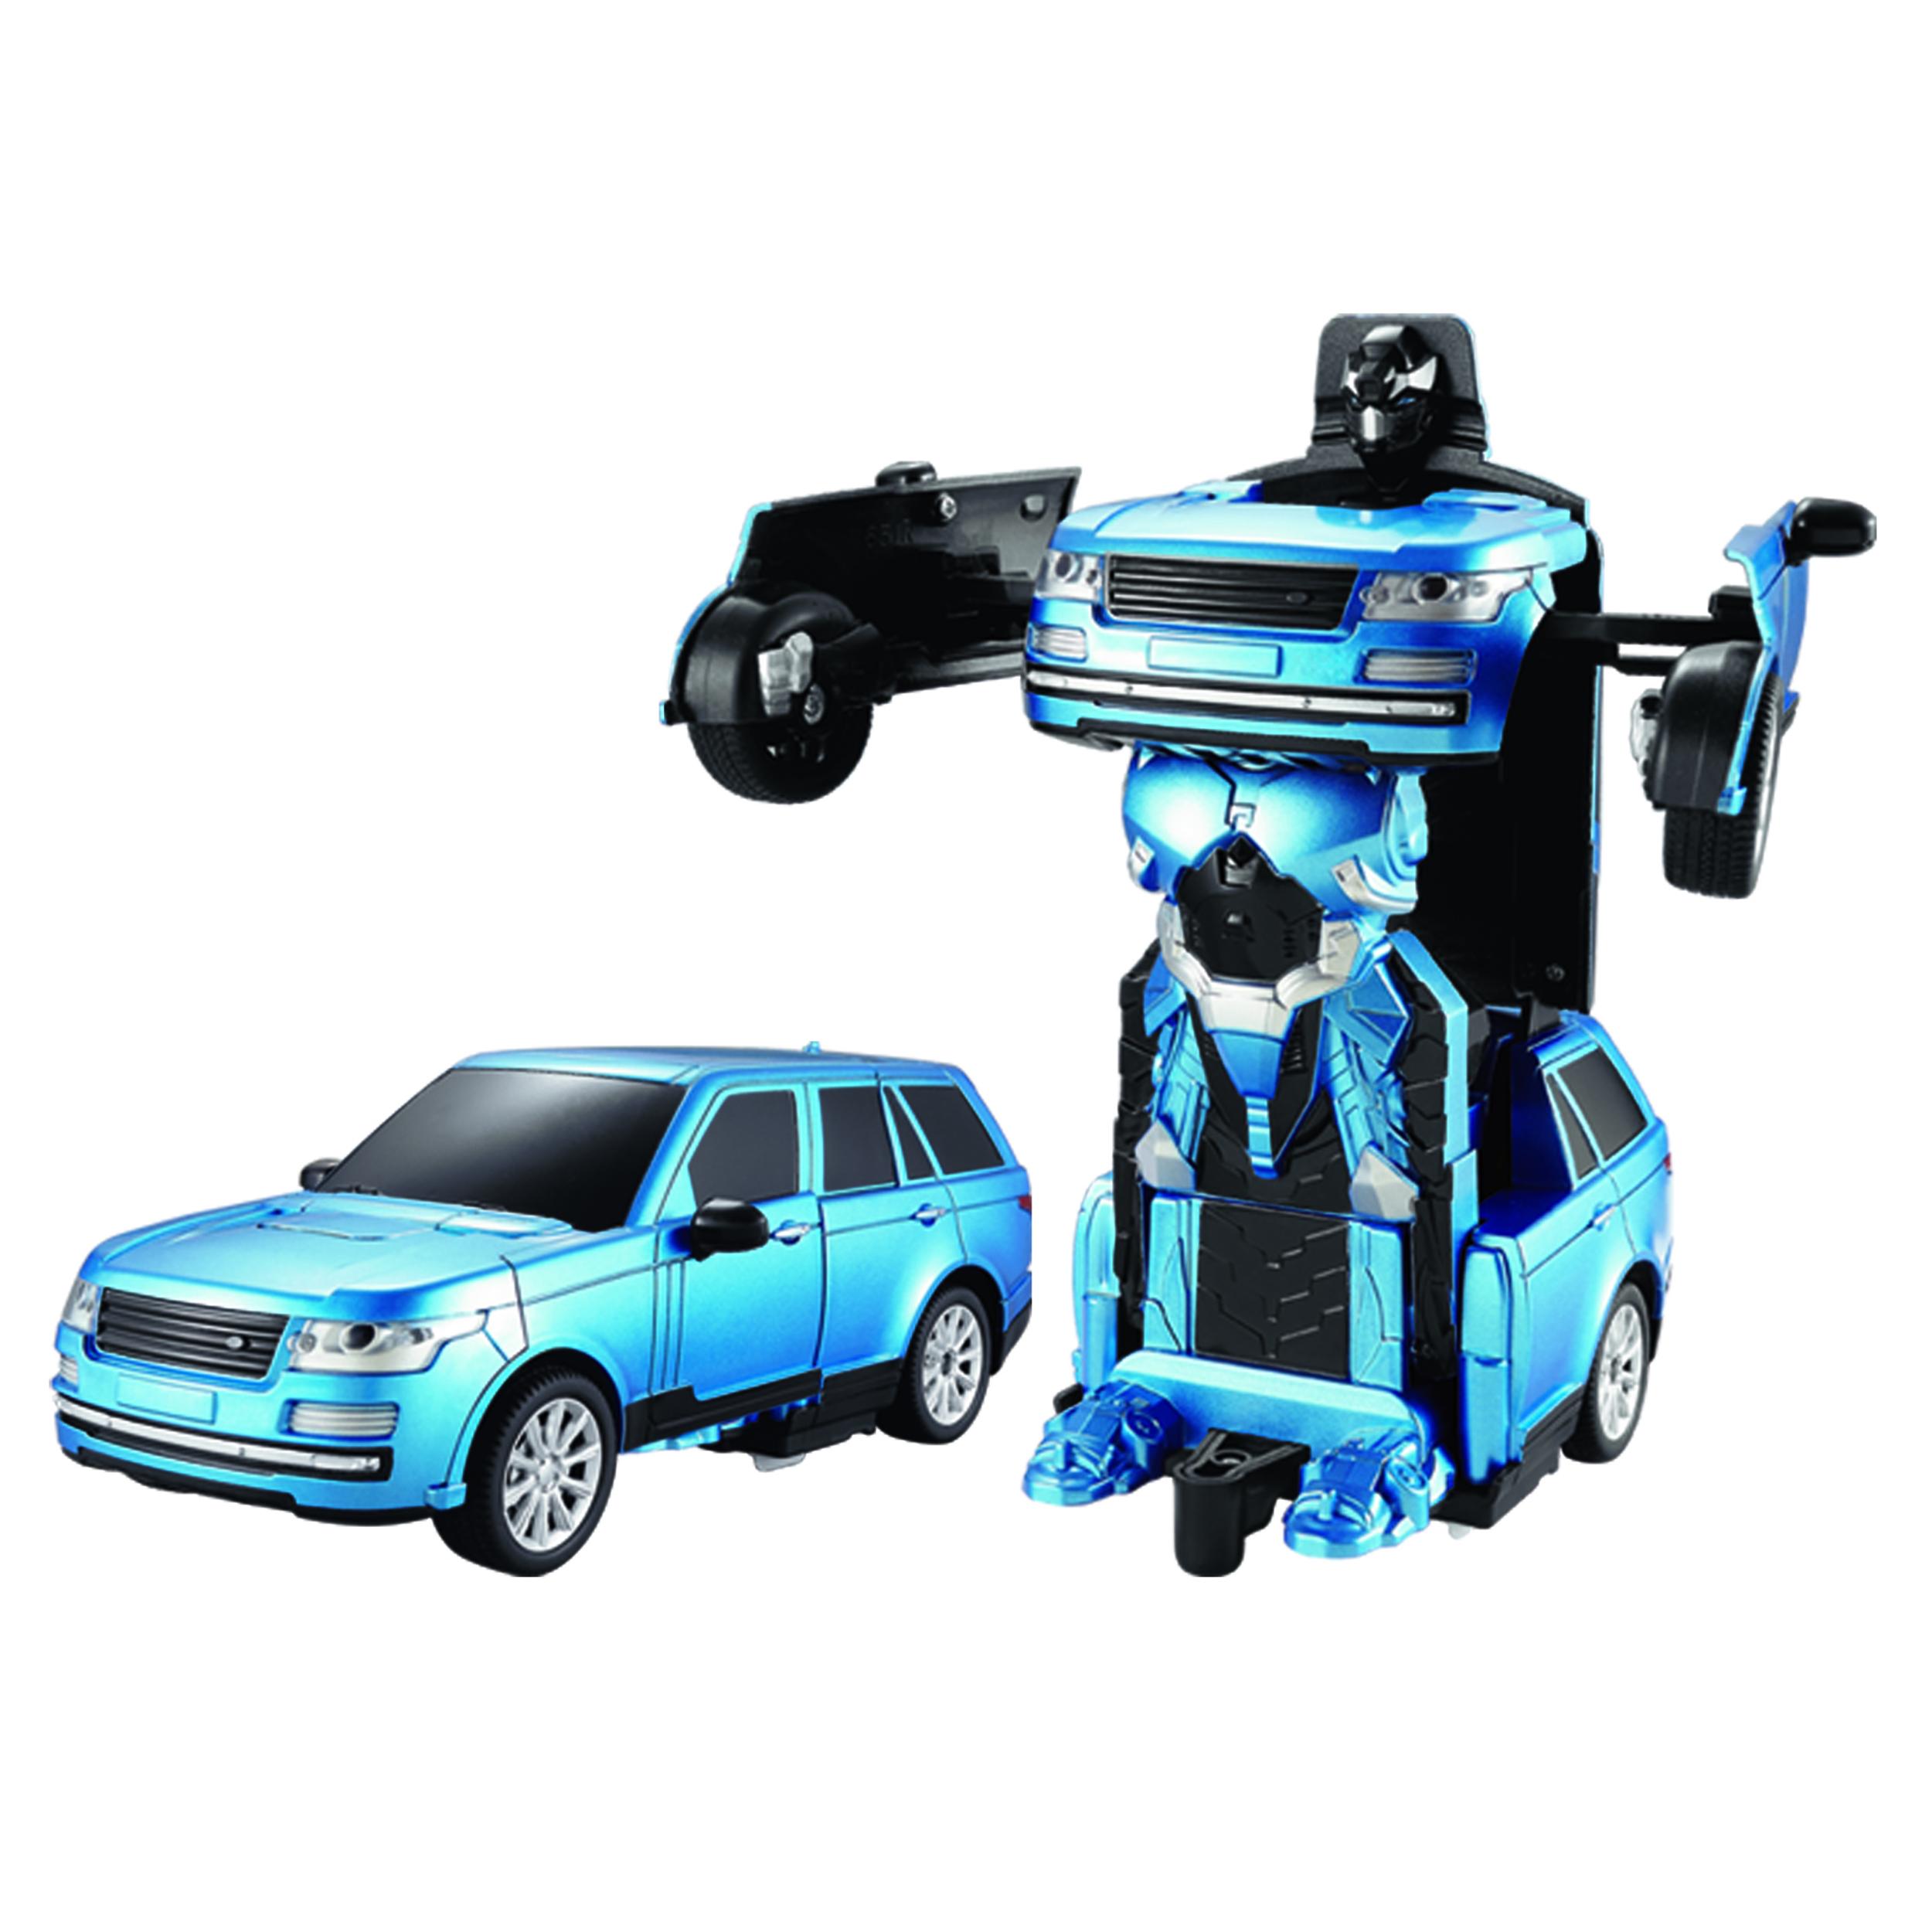 Машина-робот на радиоуправлении Пламенный мотор Космобот Сириус 870337